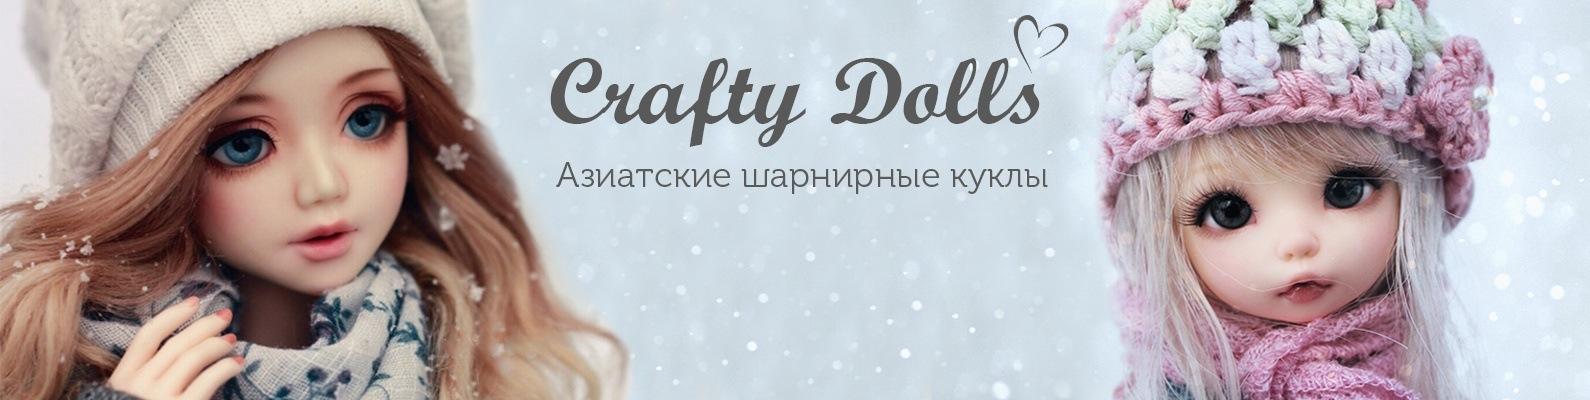 шарнирные куклы Bjd Crafty Dolls вконтакте